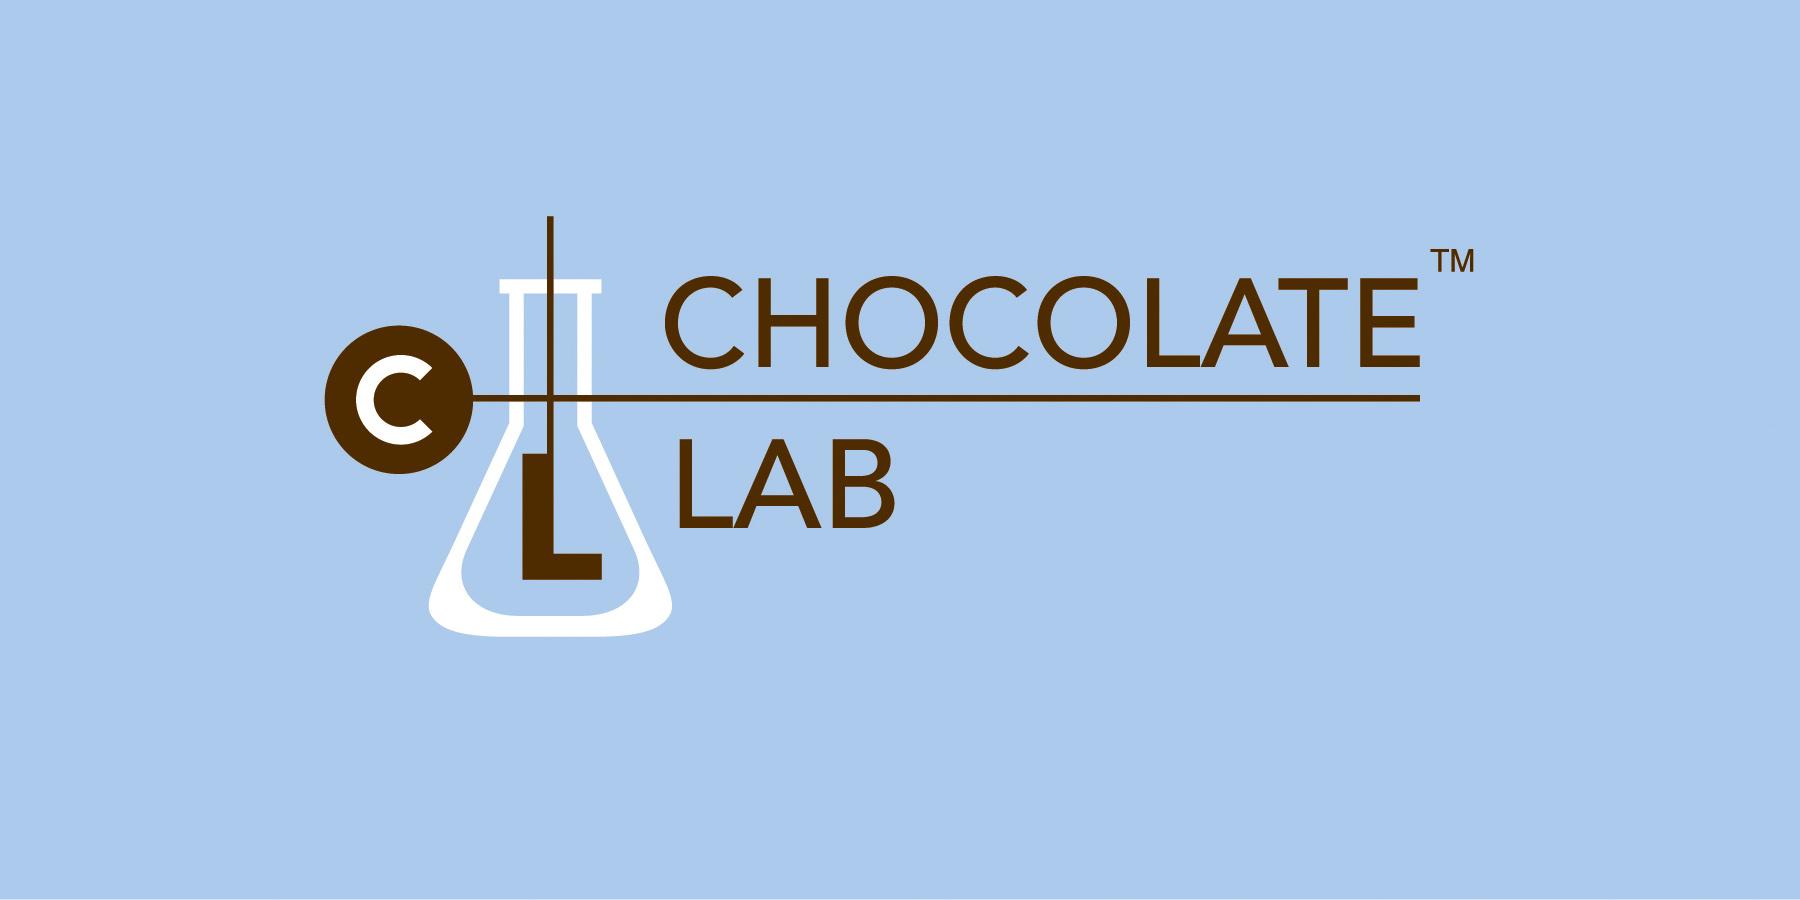 ChocLab_Logo_Refines_r4